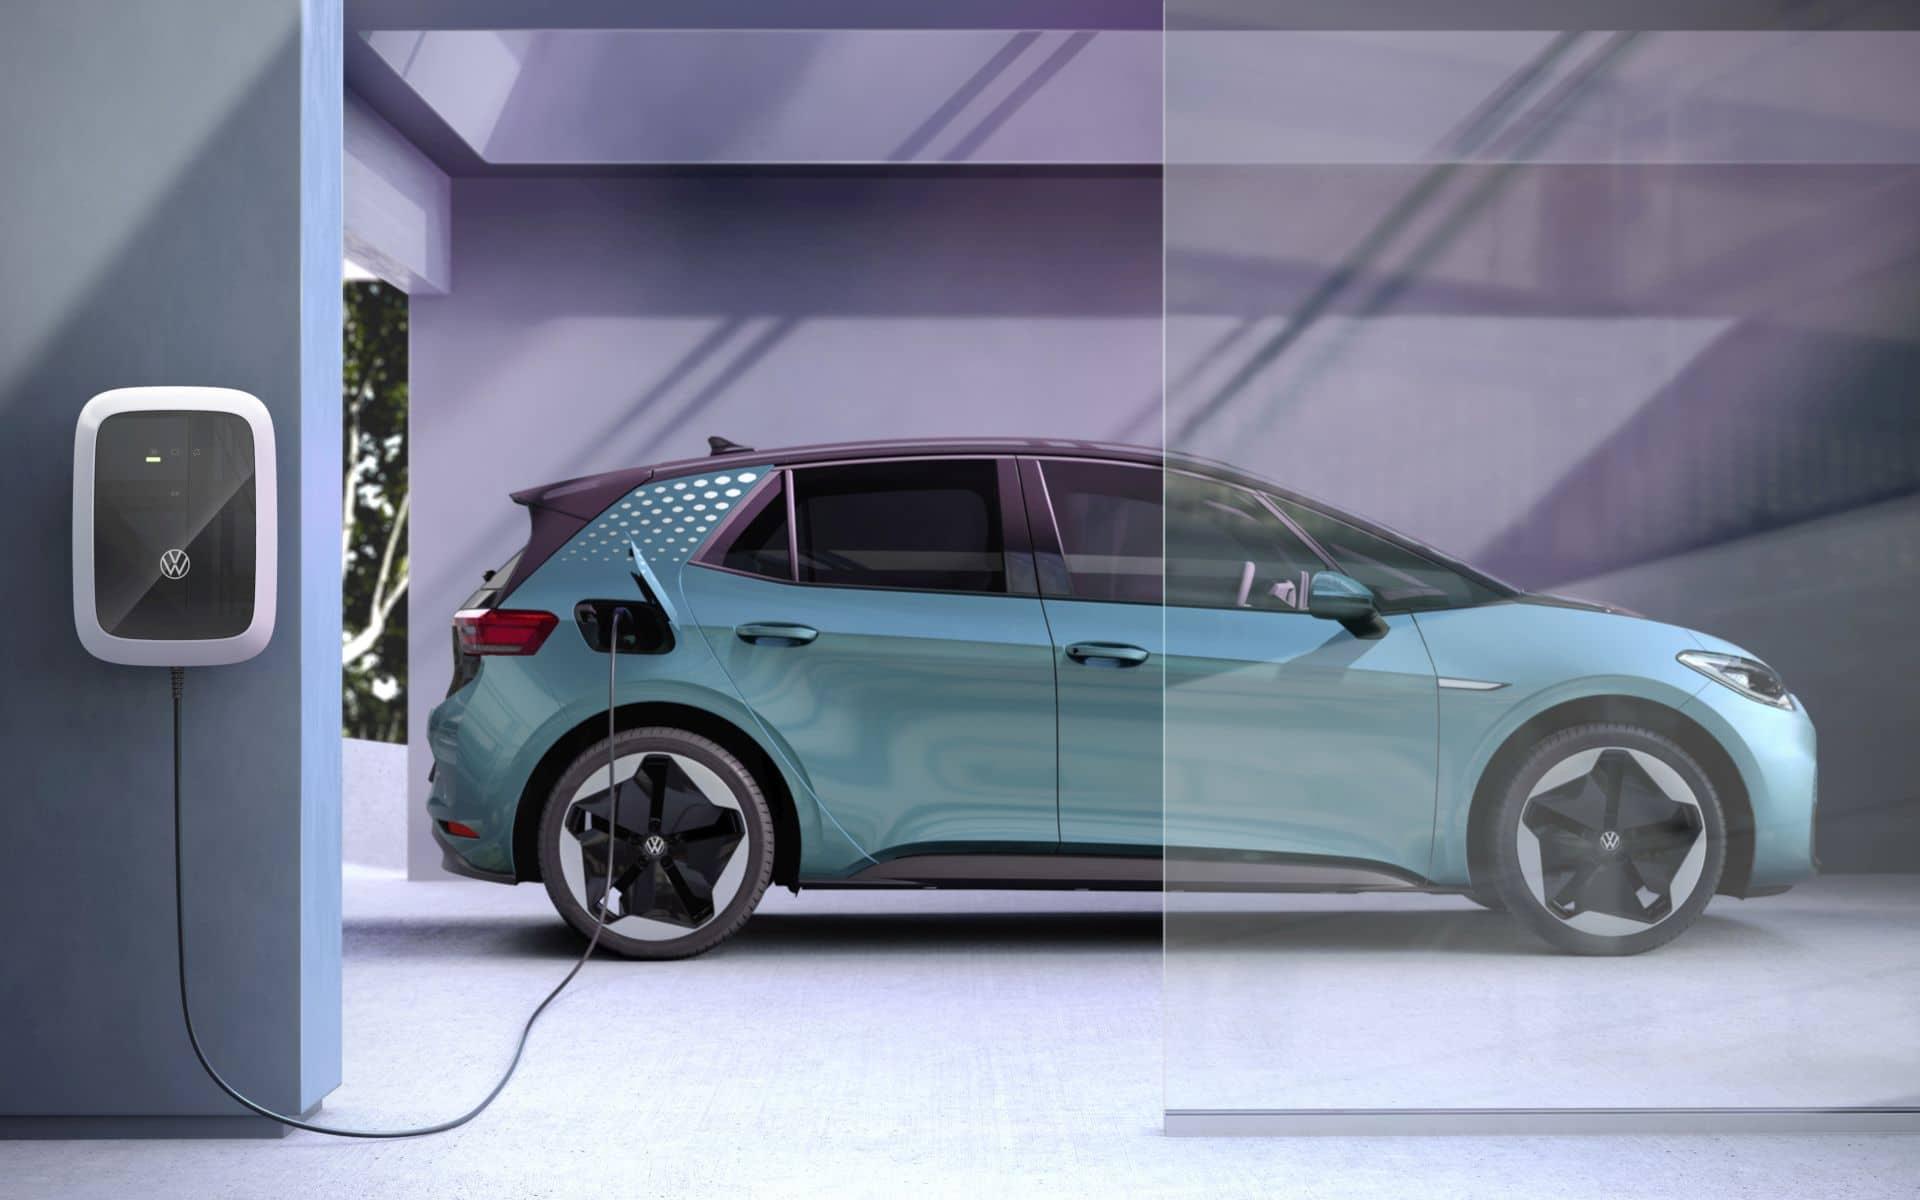 VW Konzern beherrscht europäischen Elektroautomarkt in 2020 - ein Fazit